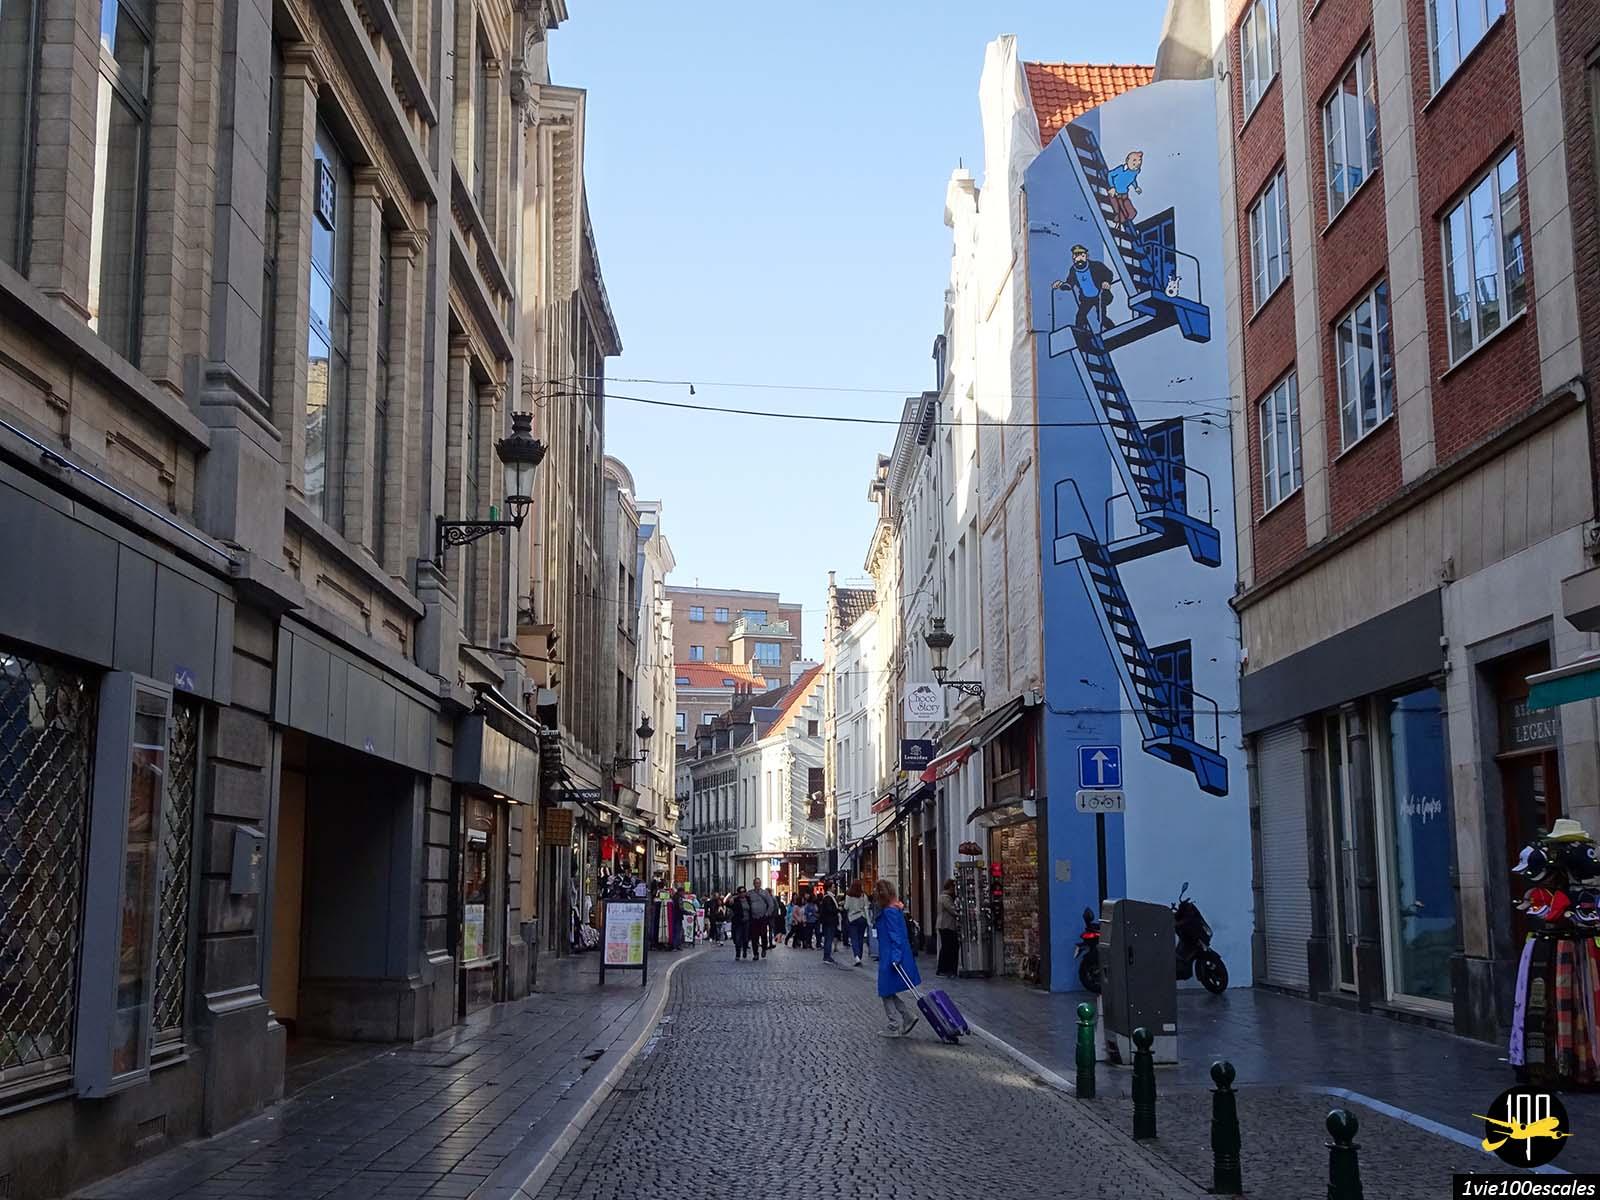 Le dessin de Tintin et Milou sur un mur du centre ville de Bruxelles